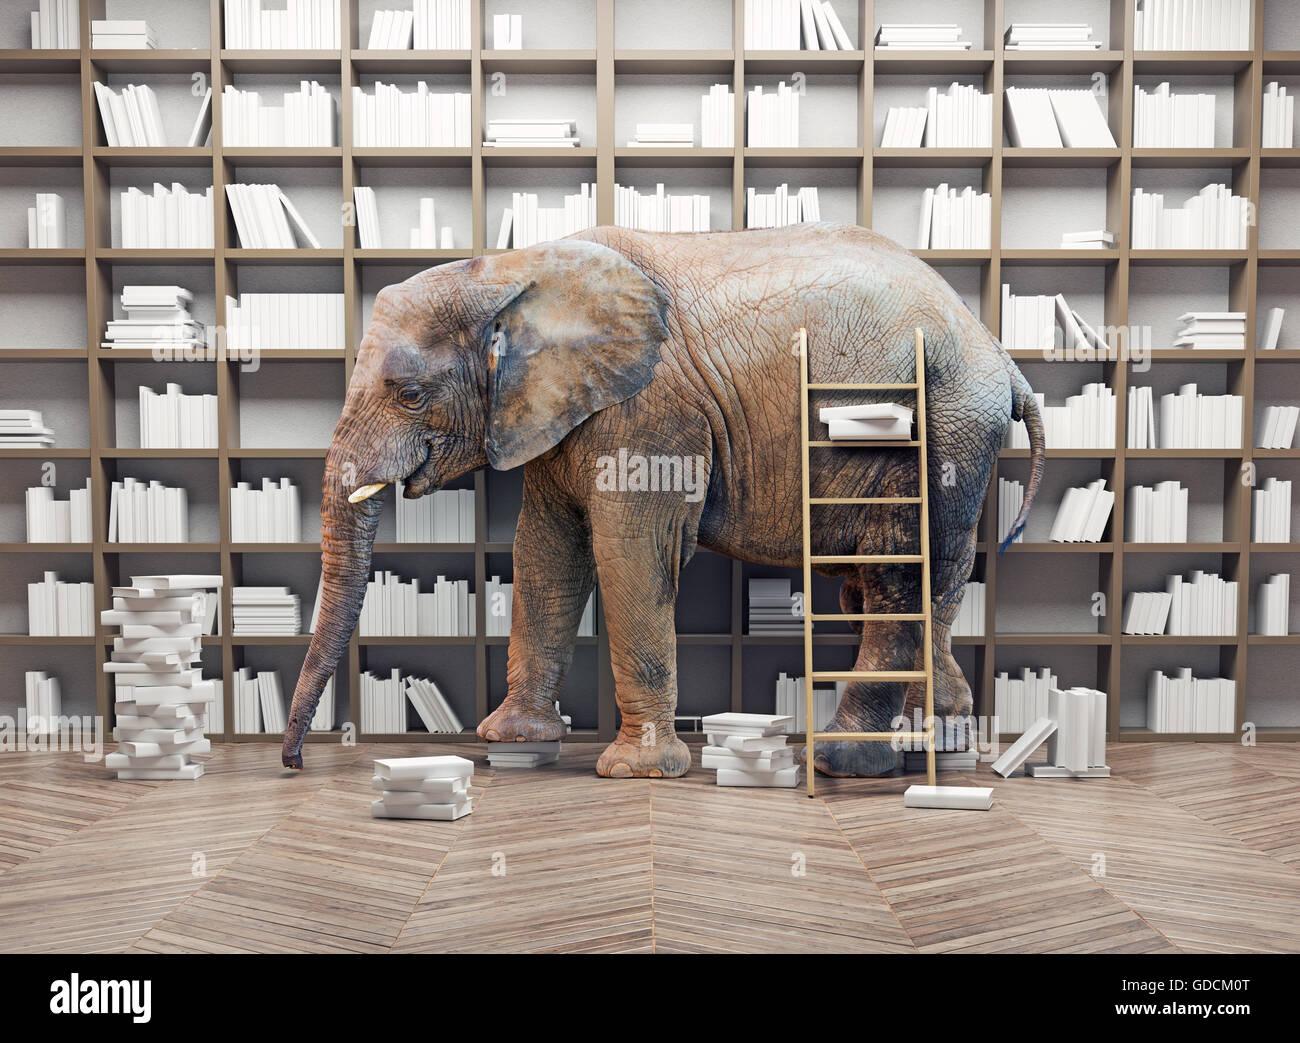 Un éléphant dans la pièce avec des étagères. Concept créatif Photo Stock